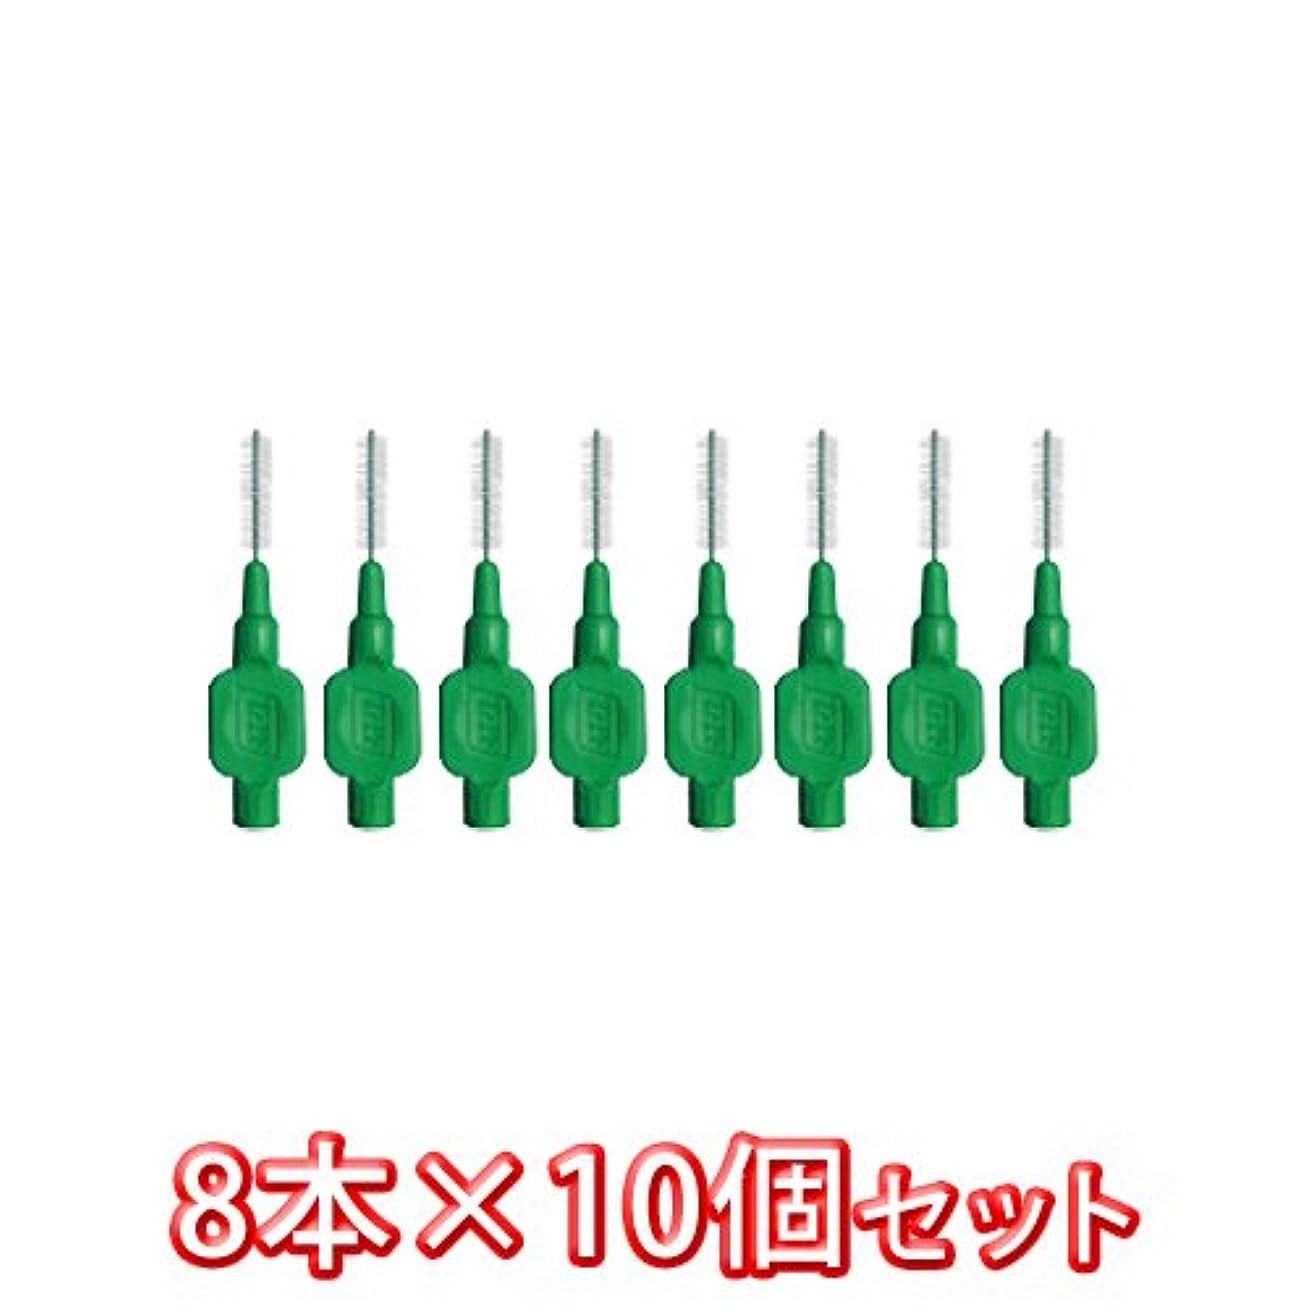 提供された悲惨ペインテペ 歯間ブラシ 8本入×10袋 グリーン 0.8mm